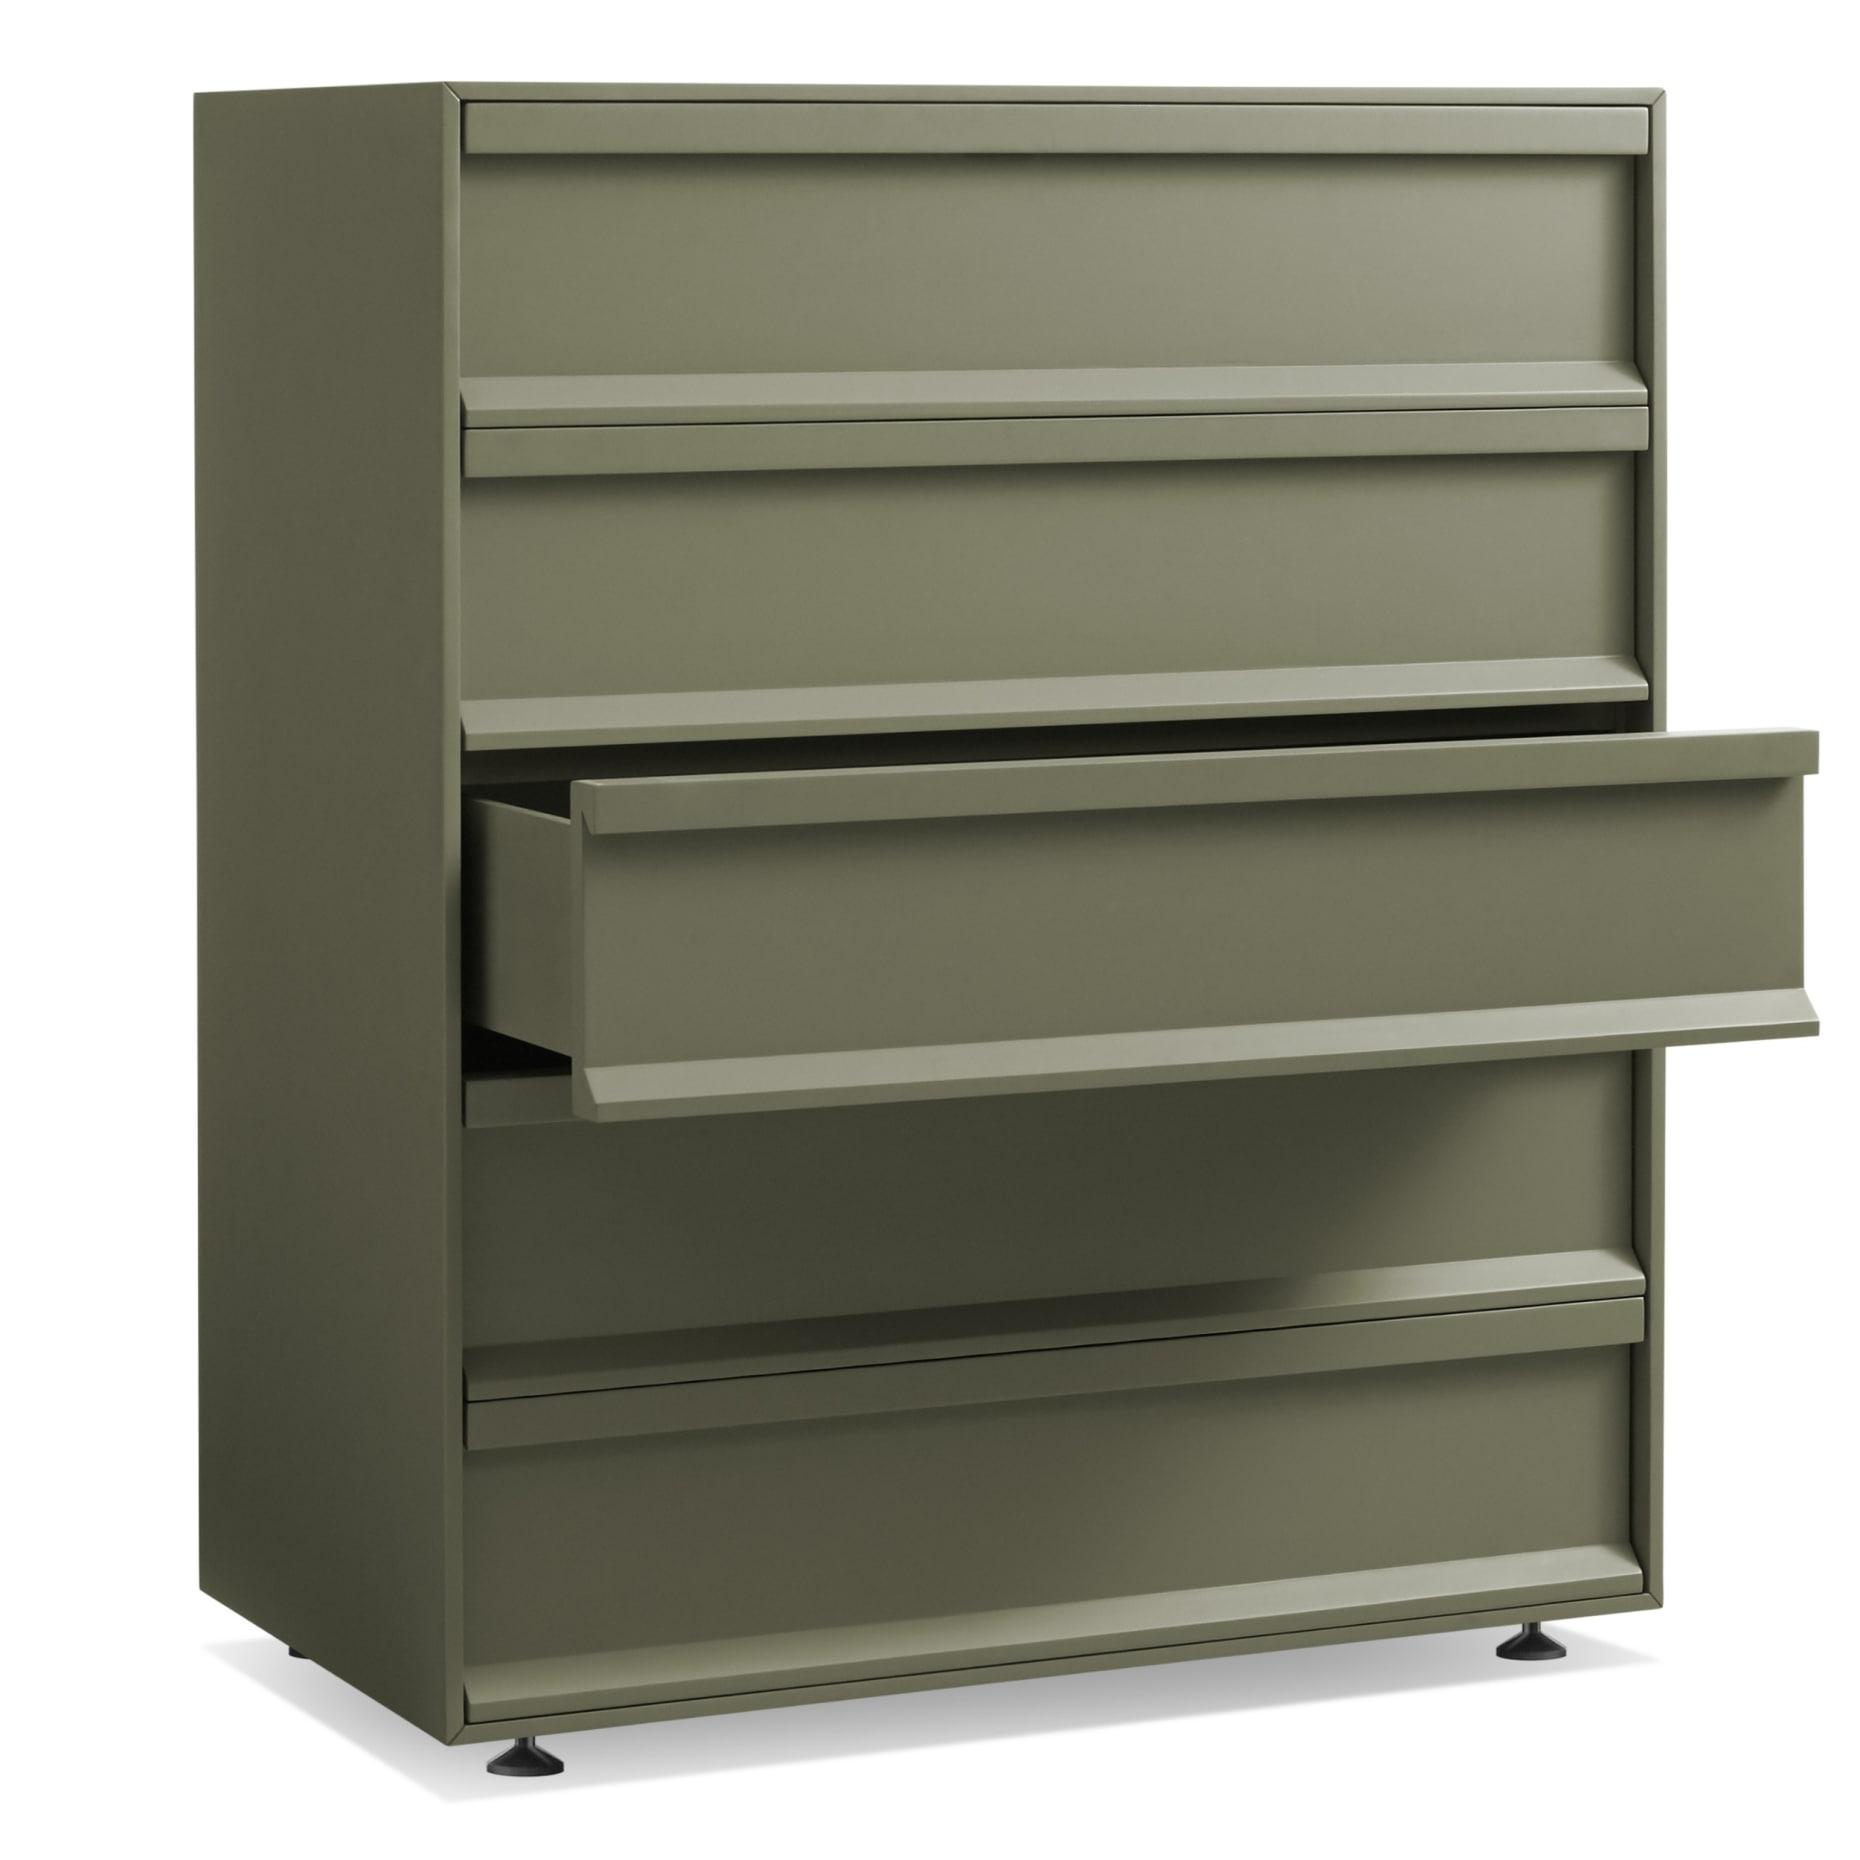 sc1 5drawr gg 34open superchoice 5 drawer dresser grey green